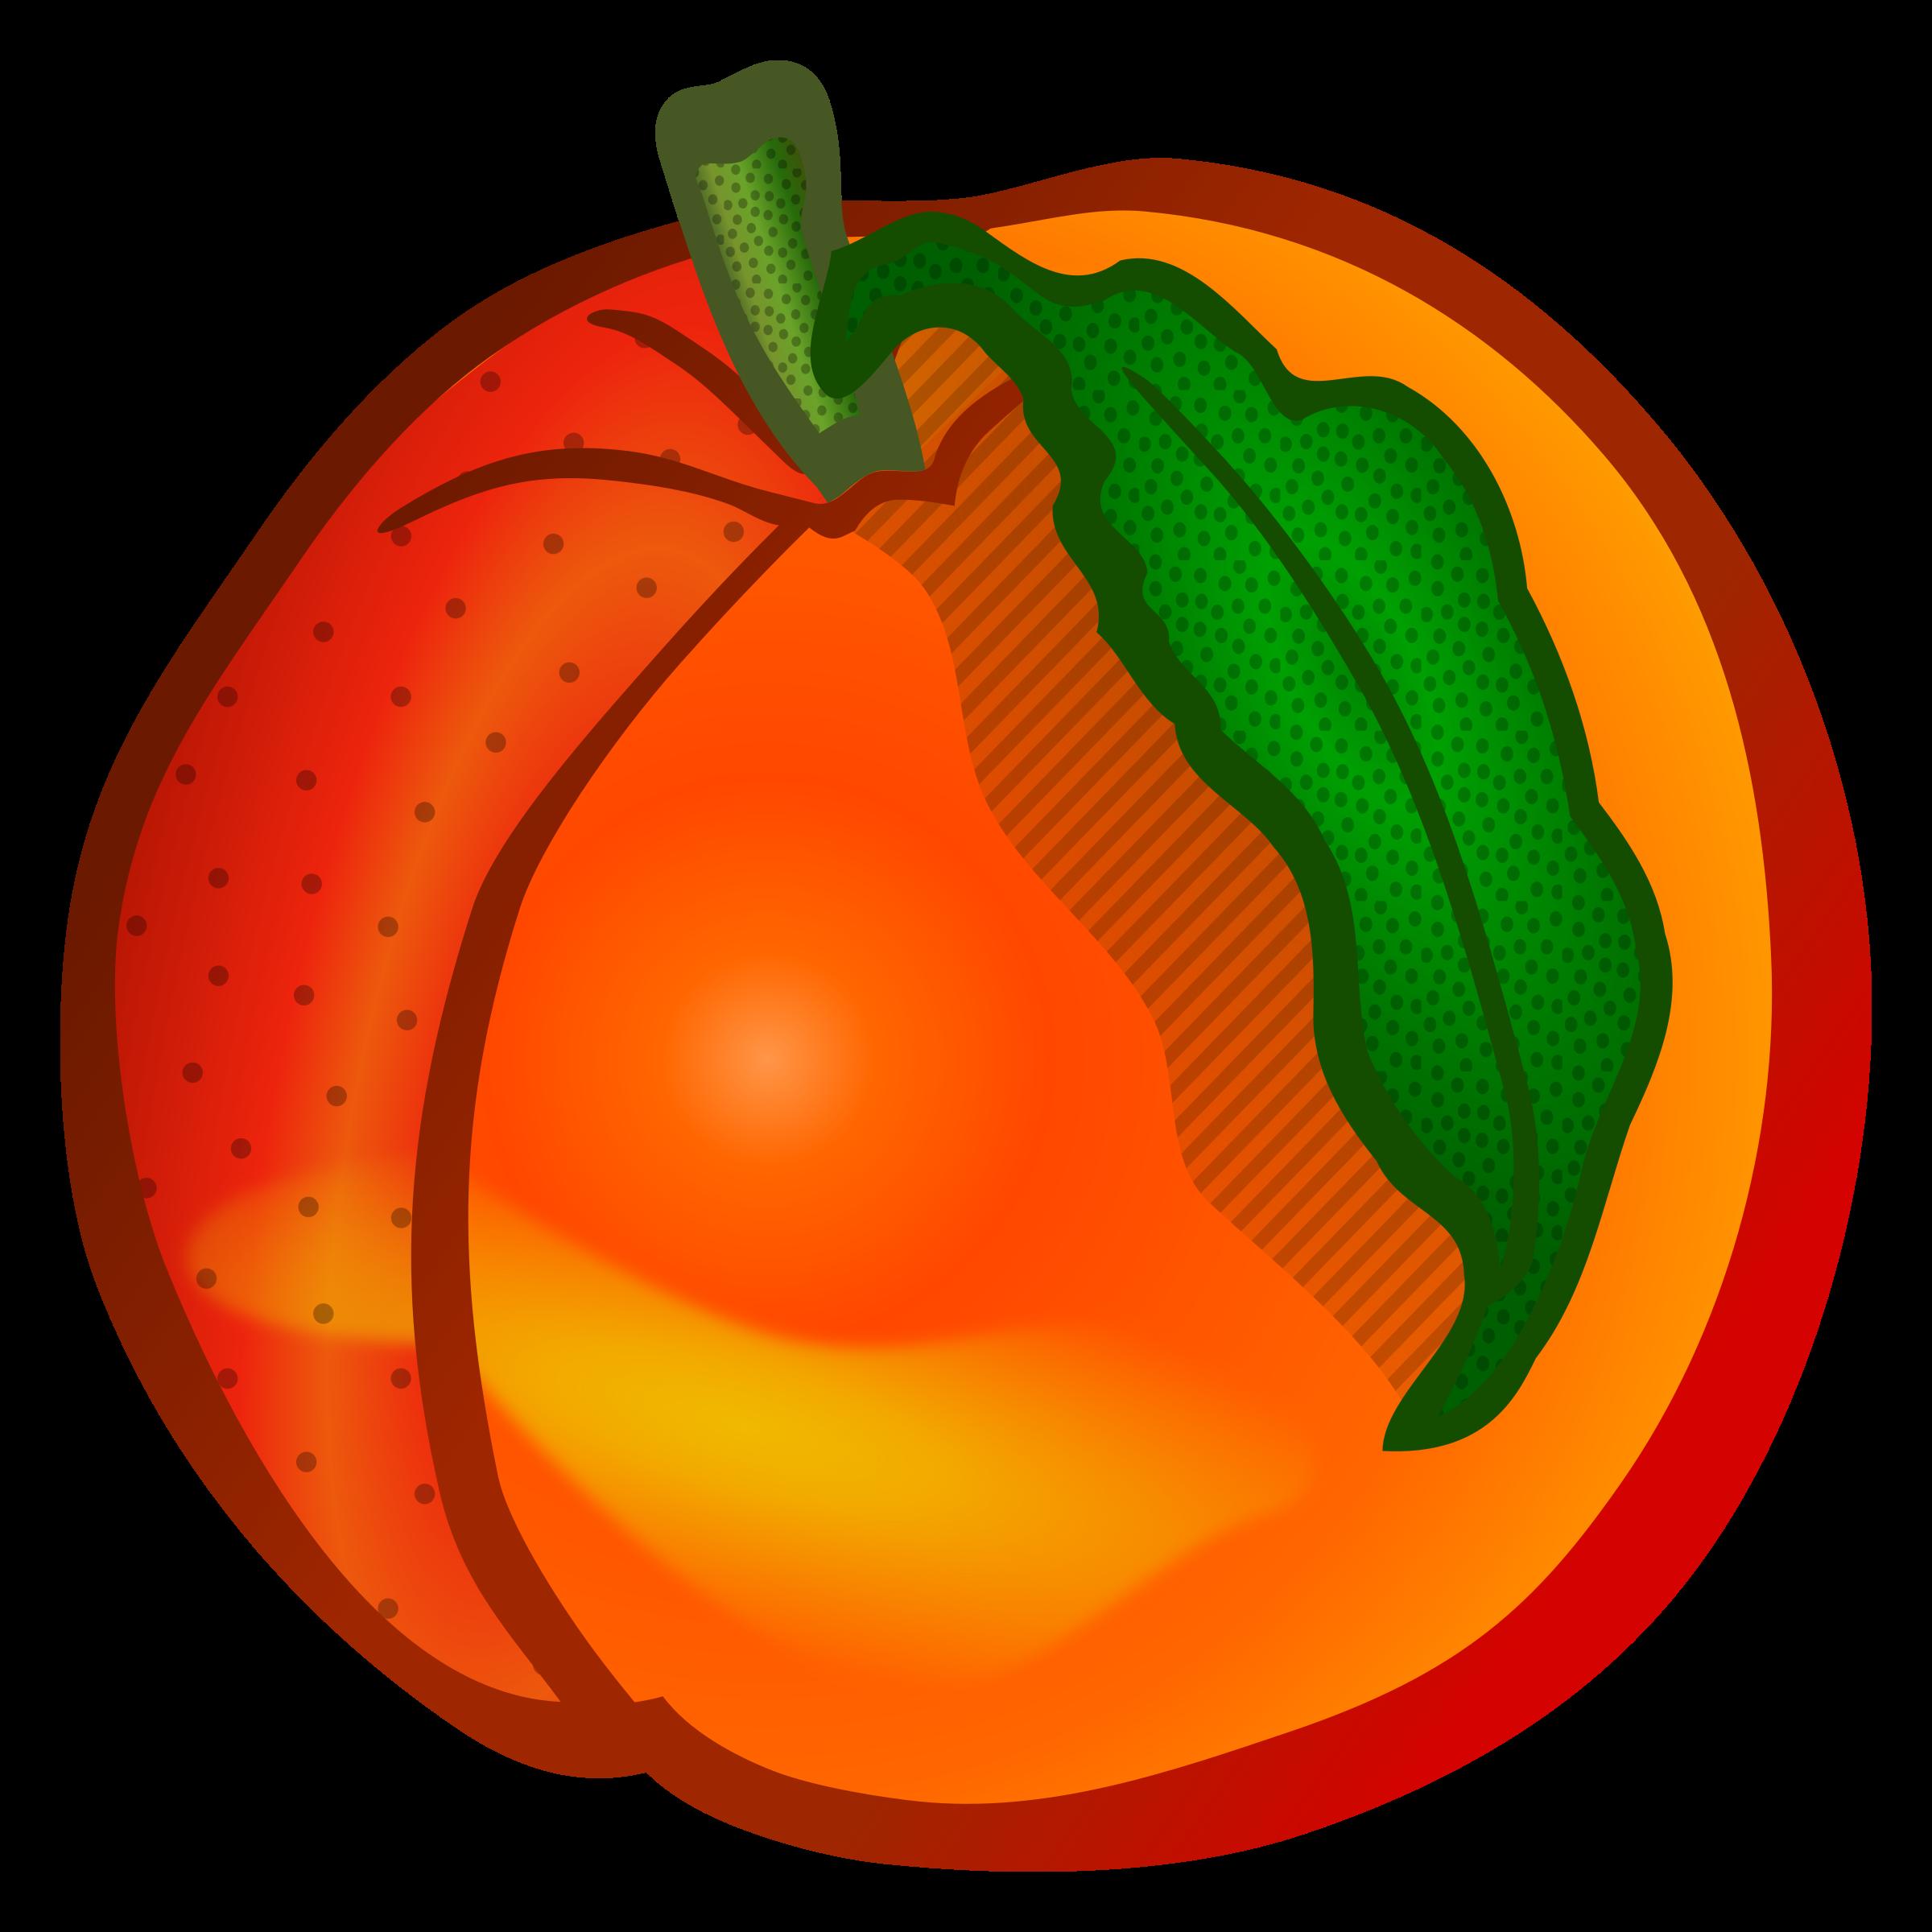 Capsicum clipart colour Image image Clipartix clipart Peach